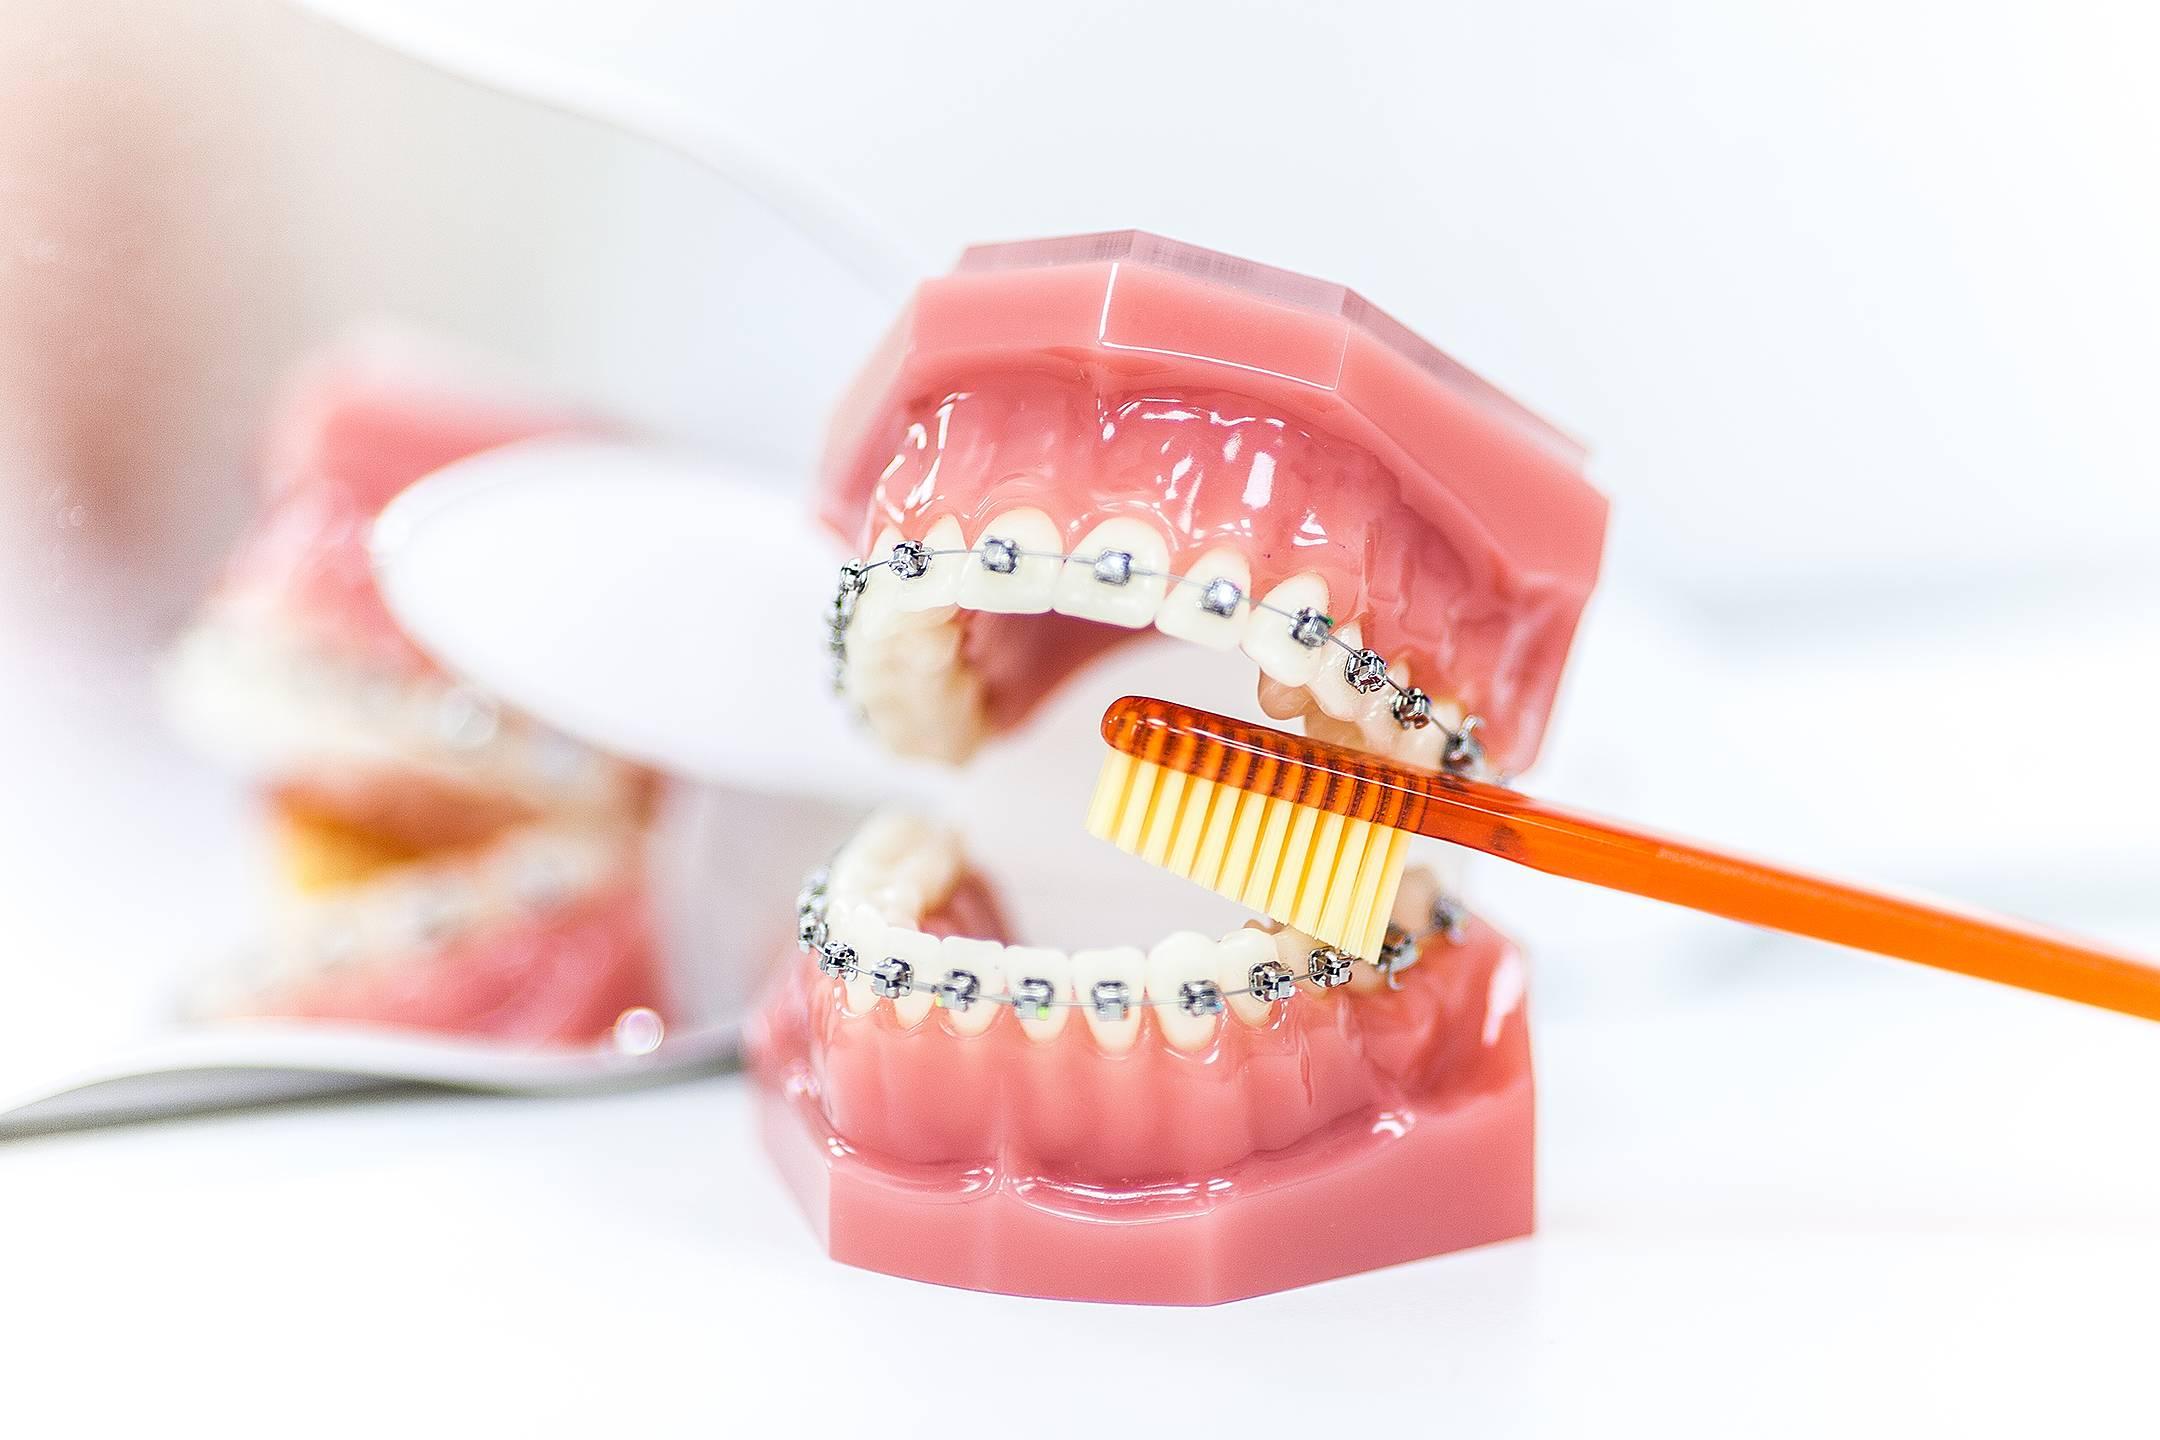 Когда начинают двигаться зубы после установки брекетов